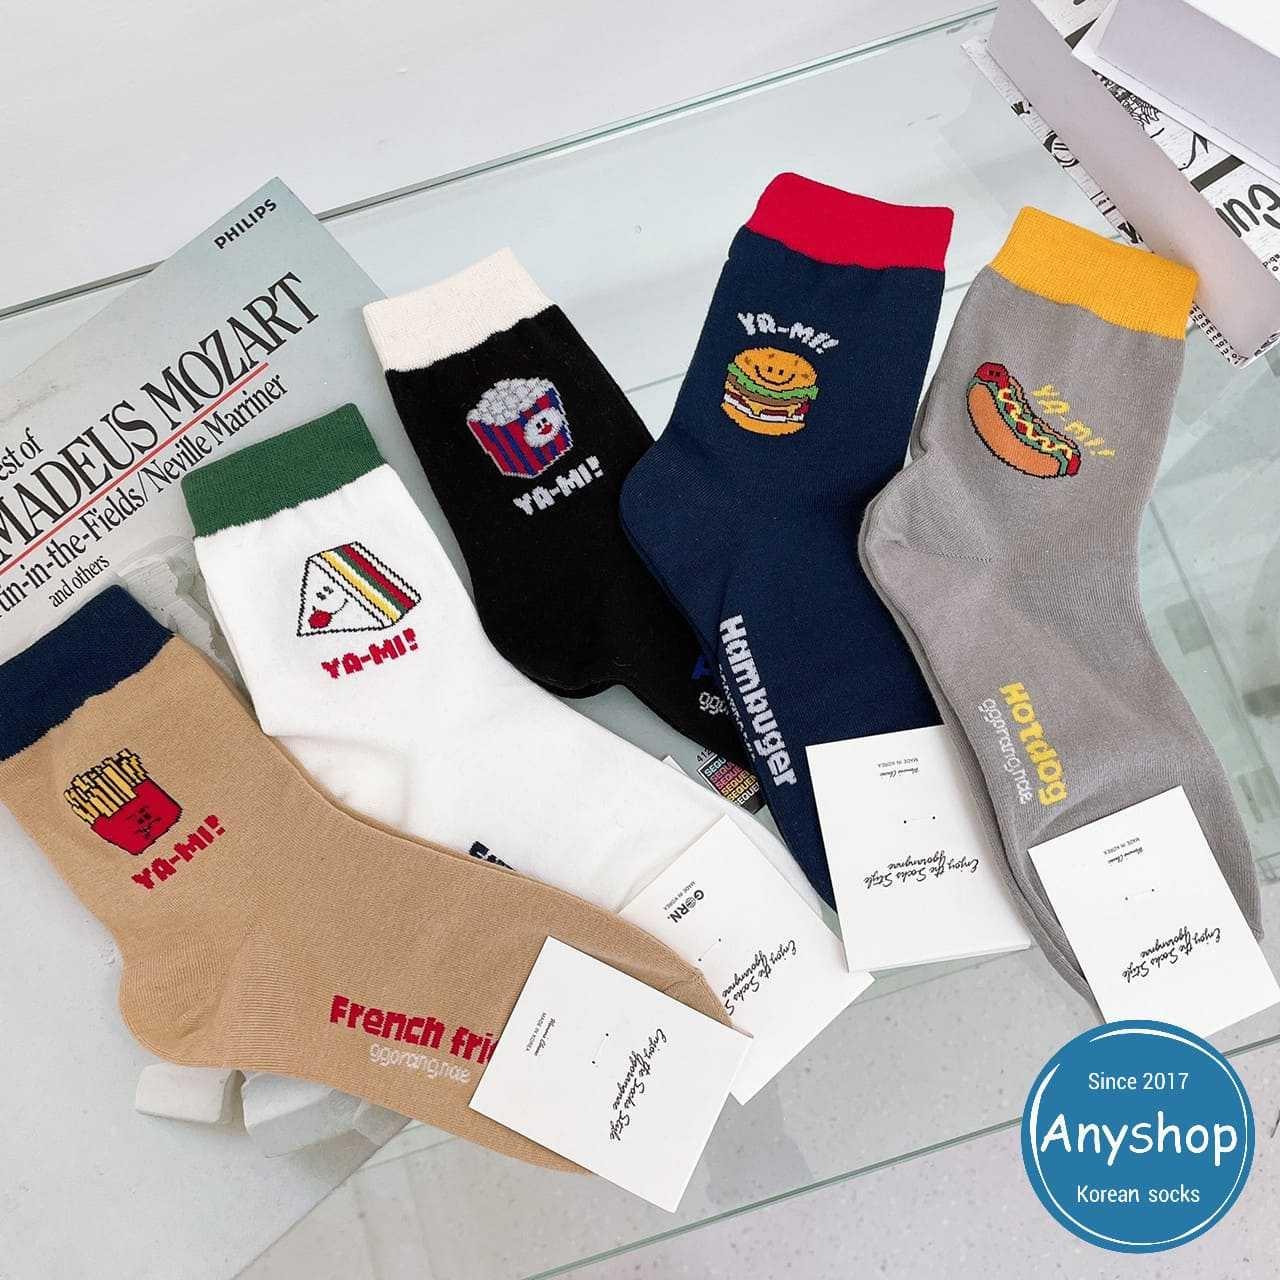 韓國襪-[Anyshop]可愛速食襪口撞色長襪